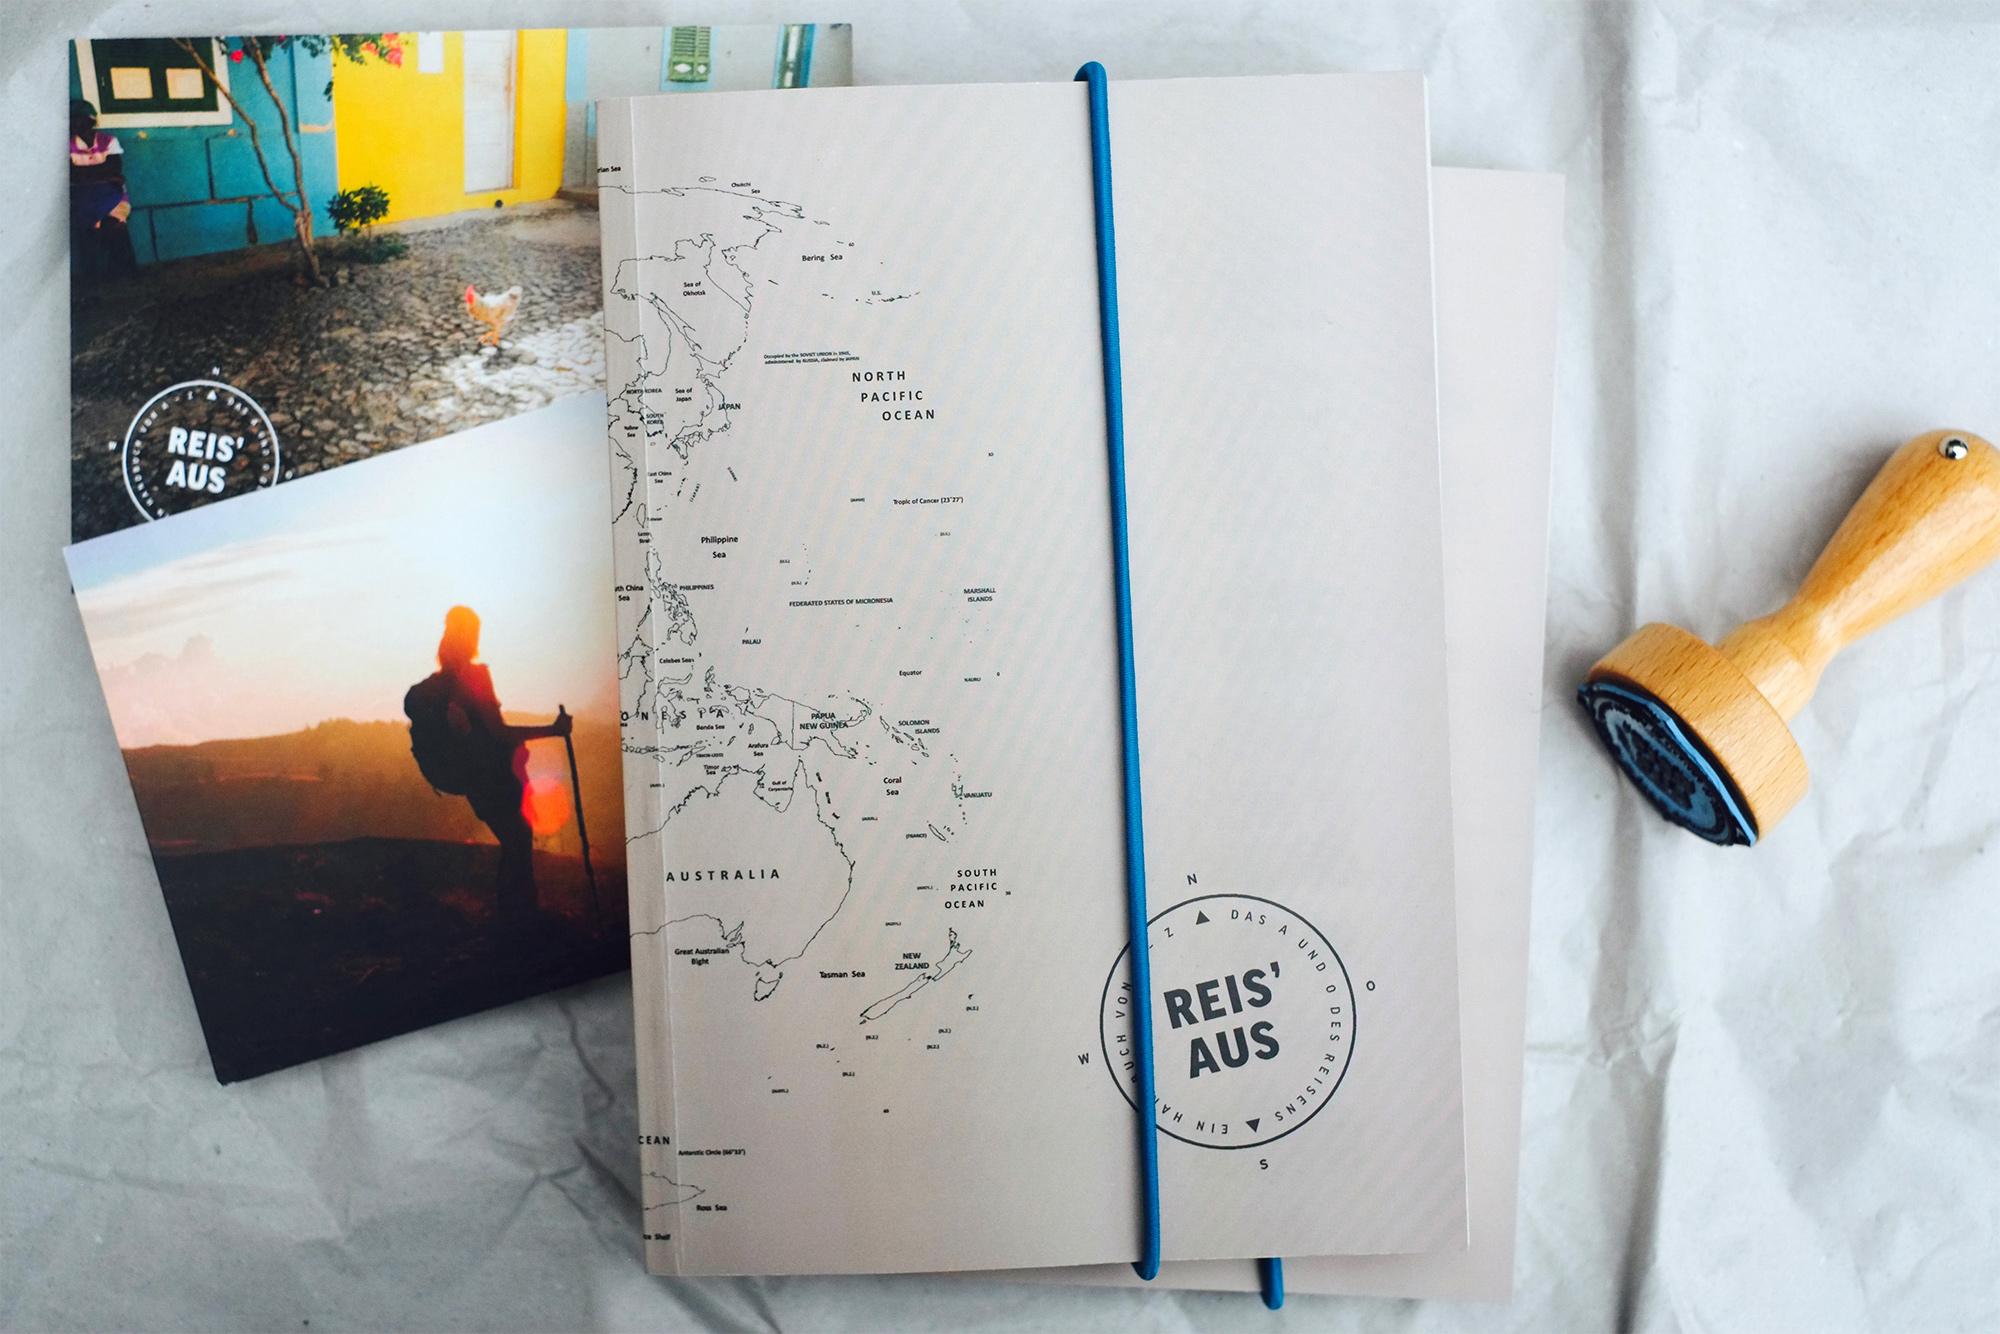 """Das Reisehandbuch: """"Reis' aus. Das A und O des Reisens. Ein Handbuch von A-Z"""""""